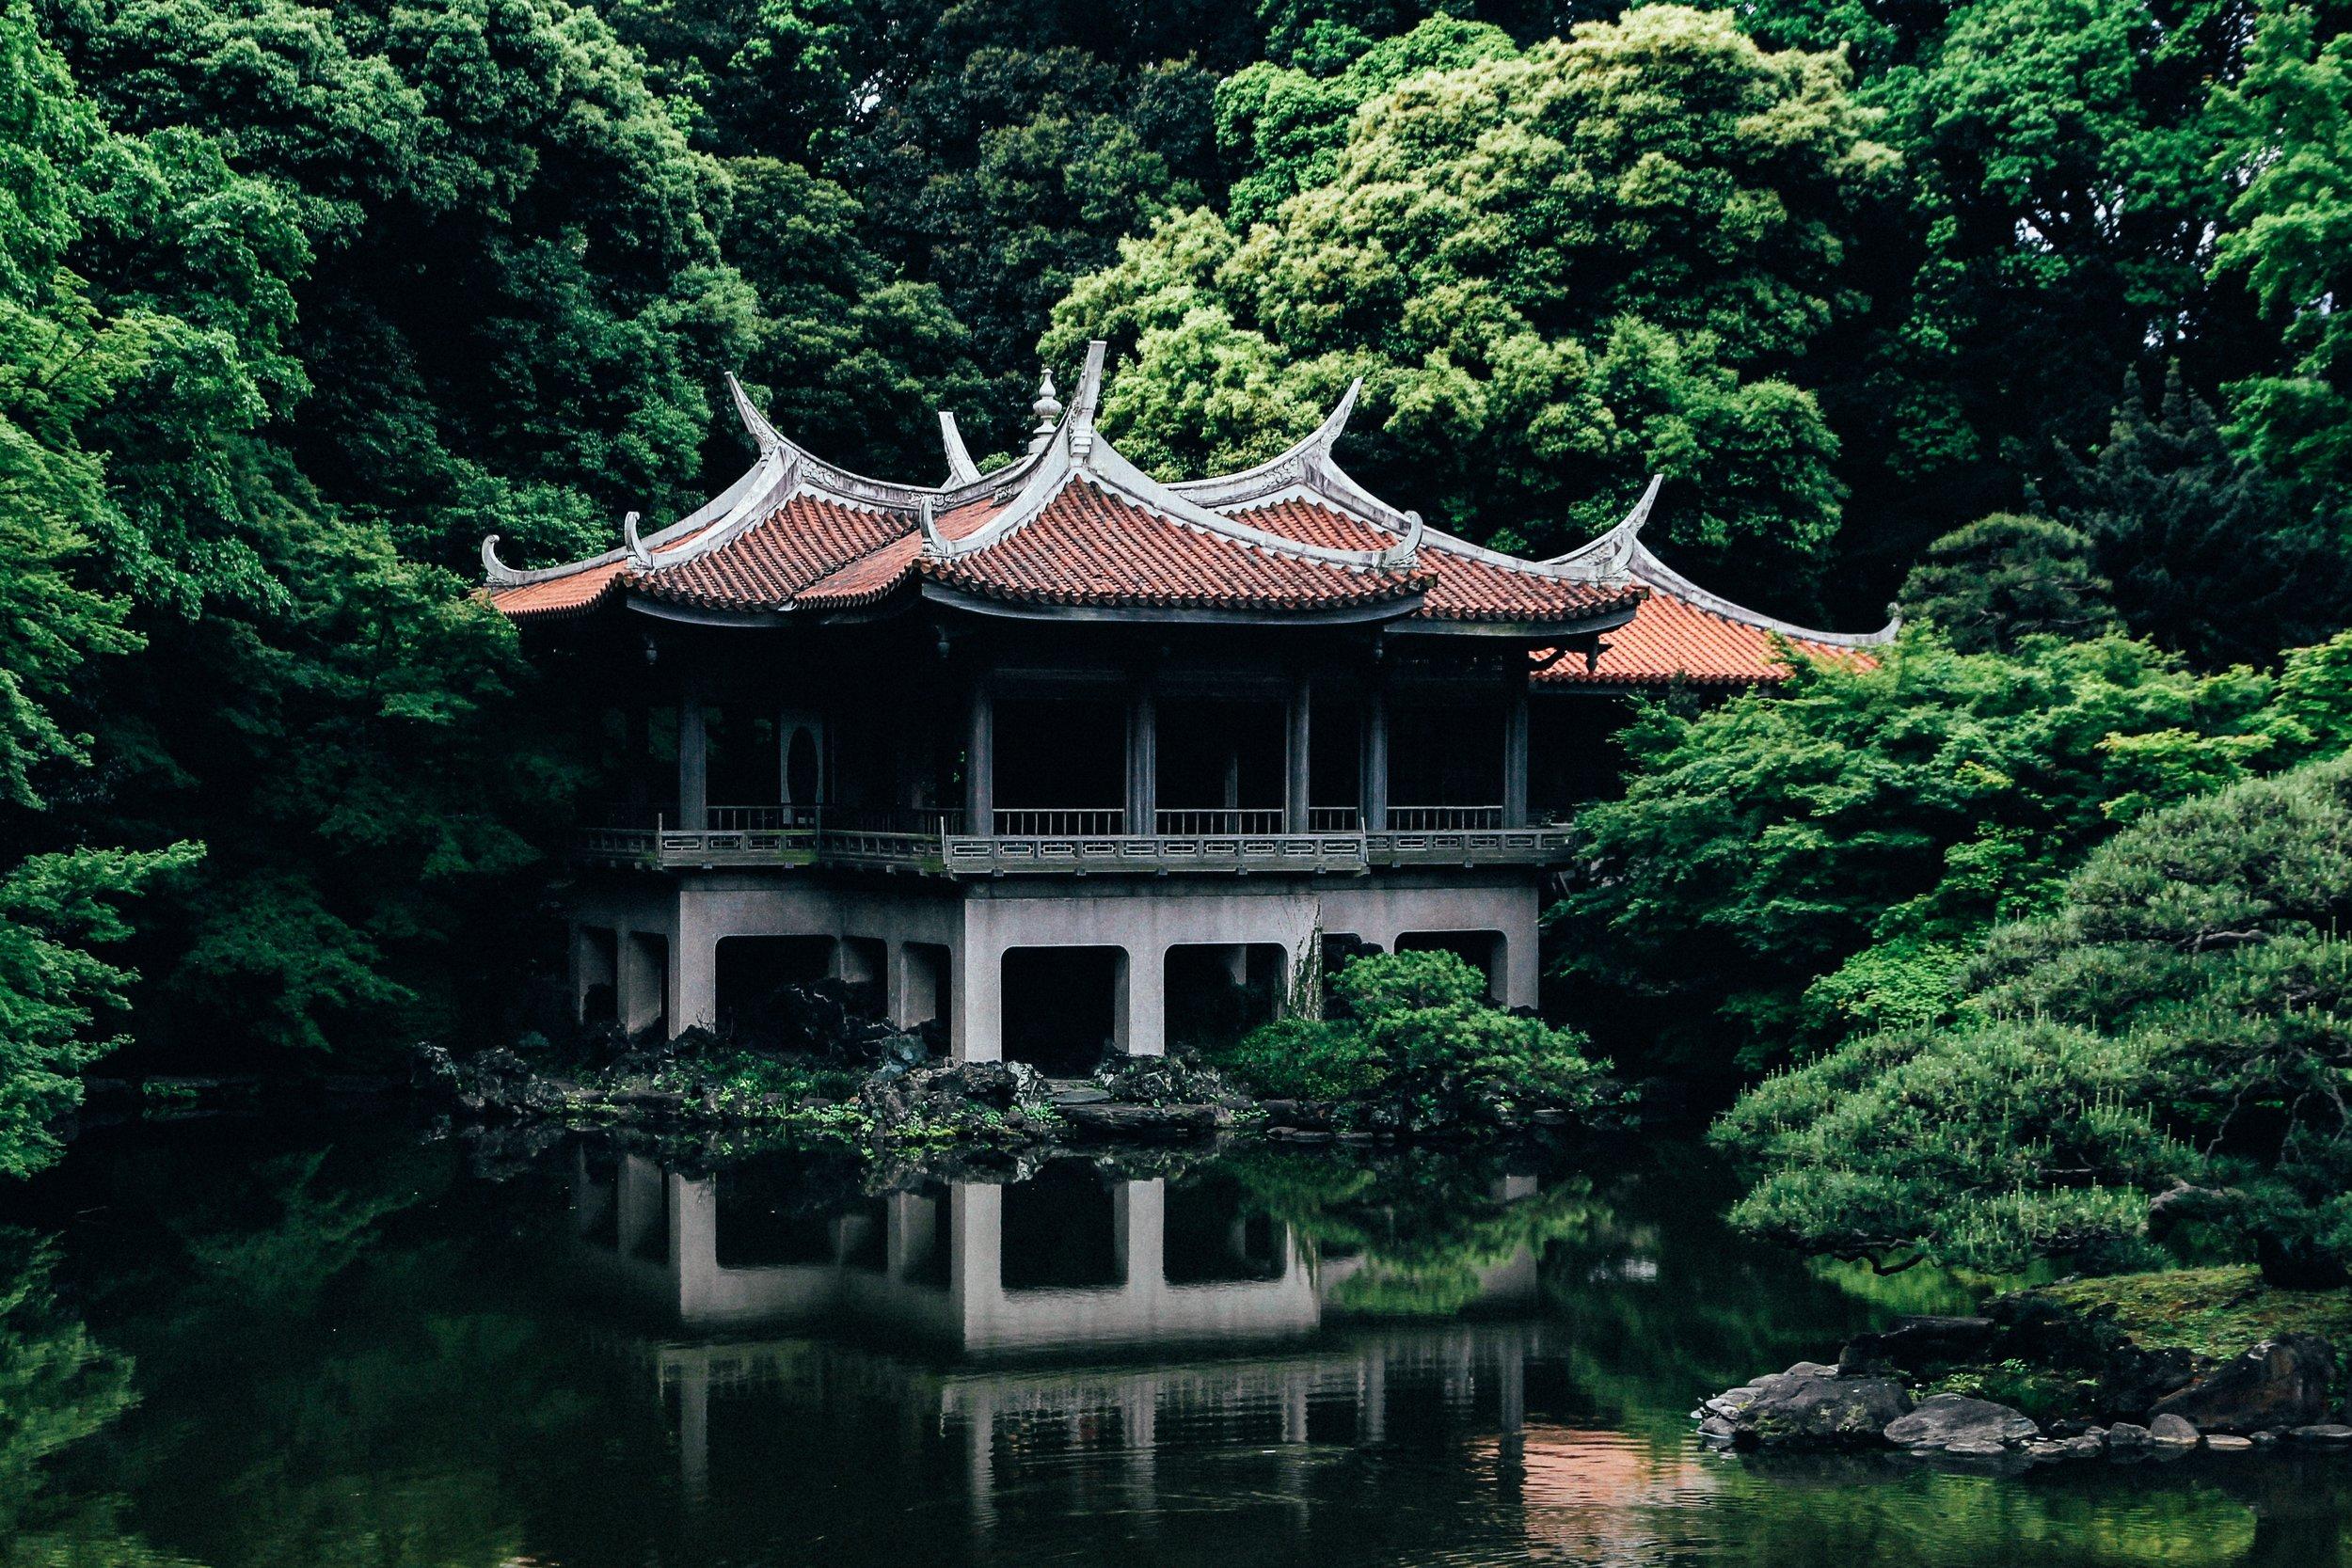 Shinjuku Gyone national garden